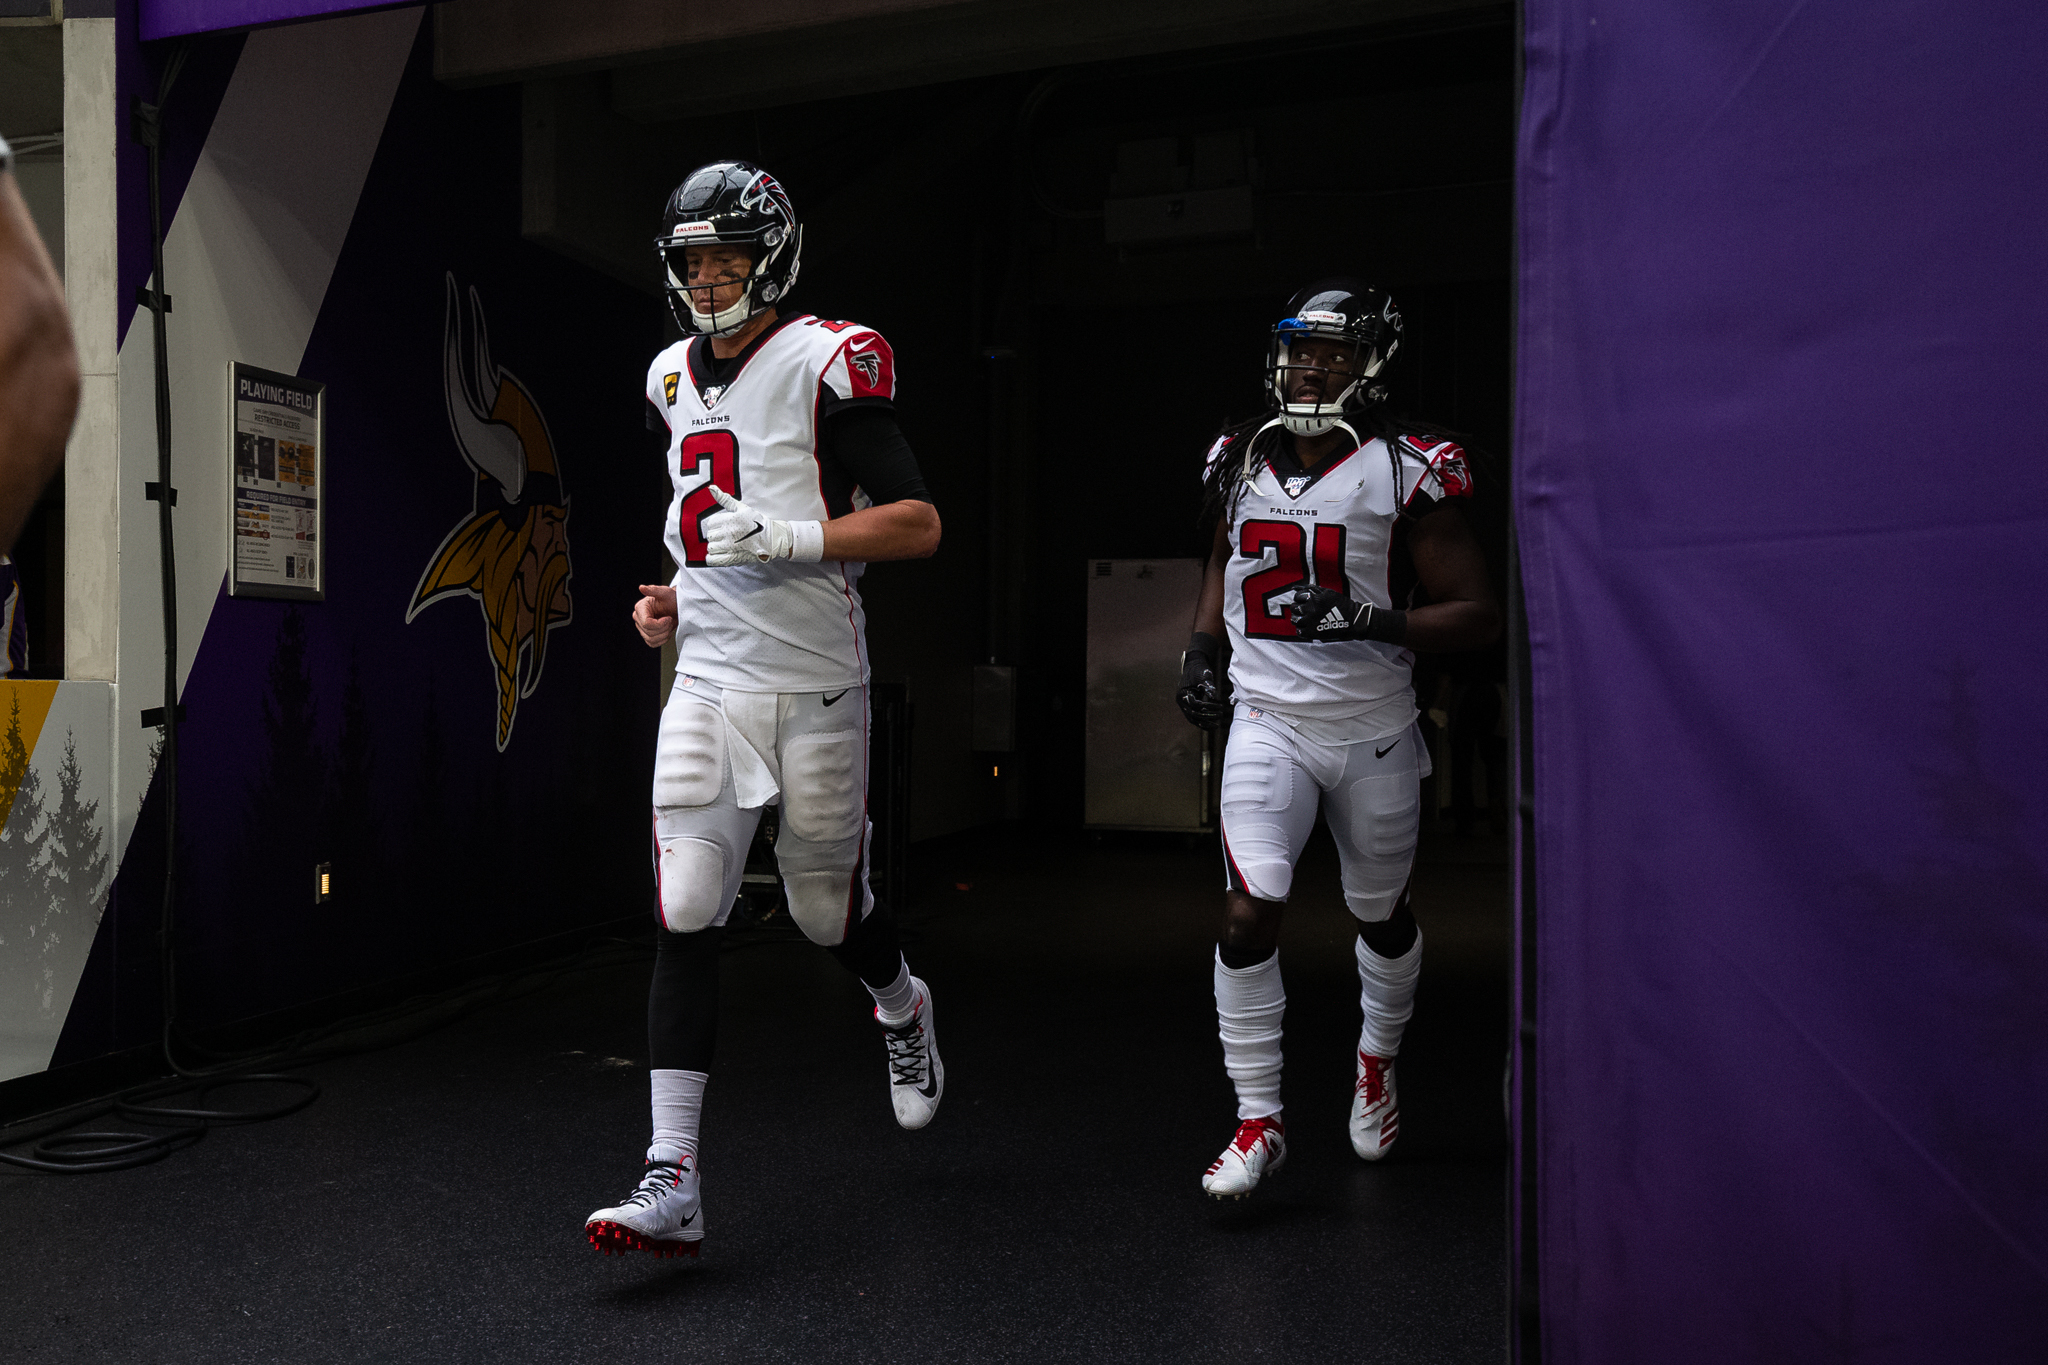 NFL: Atlanta Falcons at Minnesota Vikings